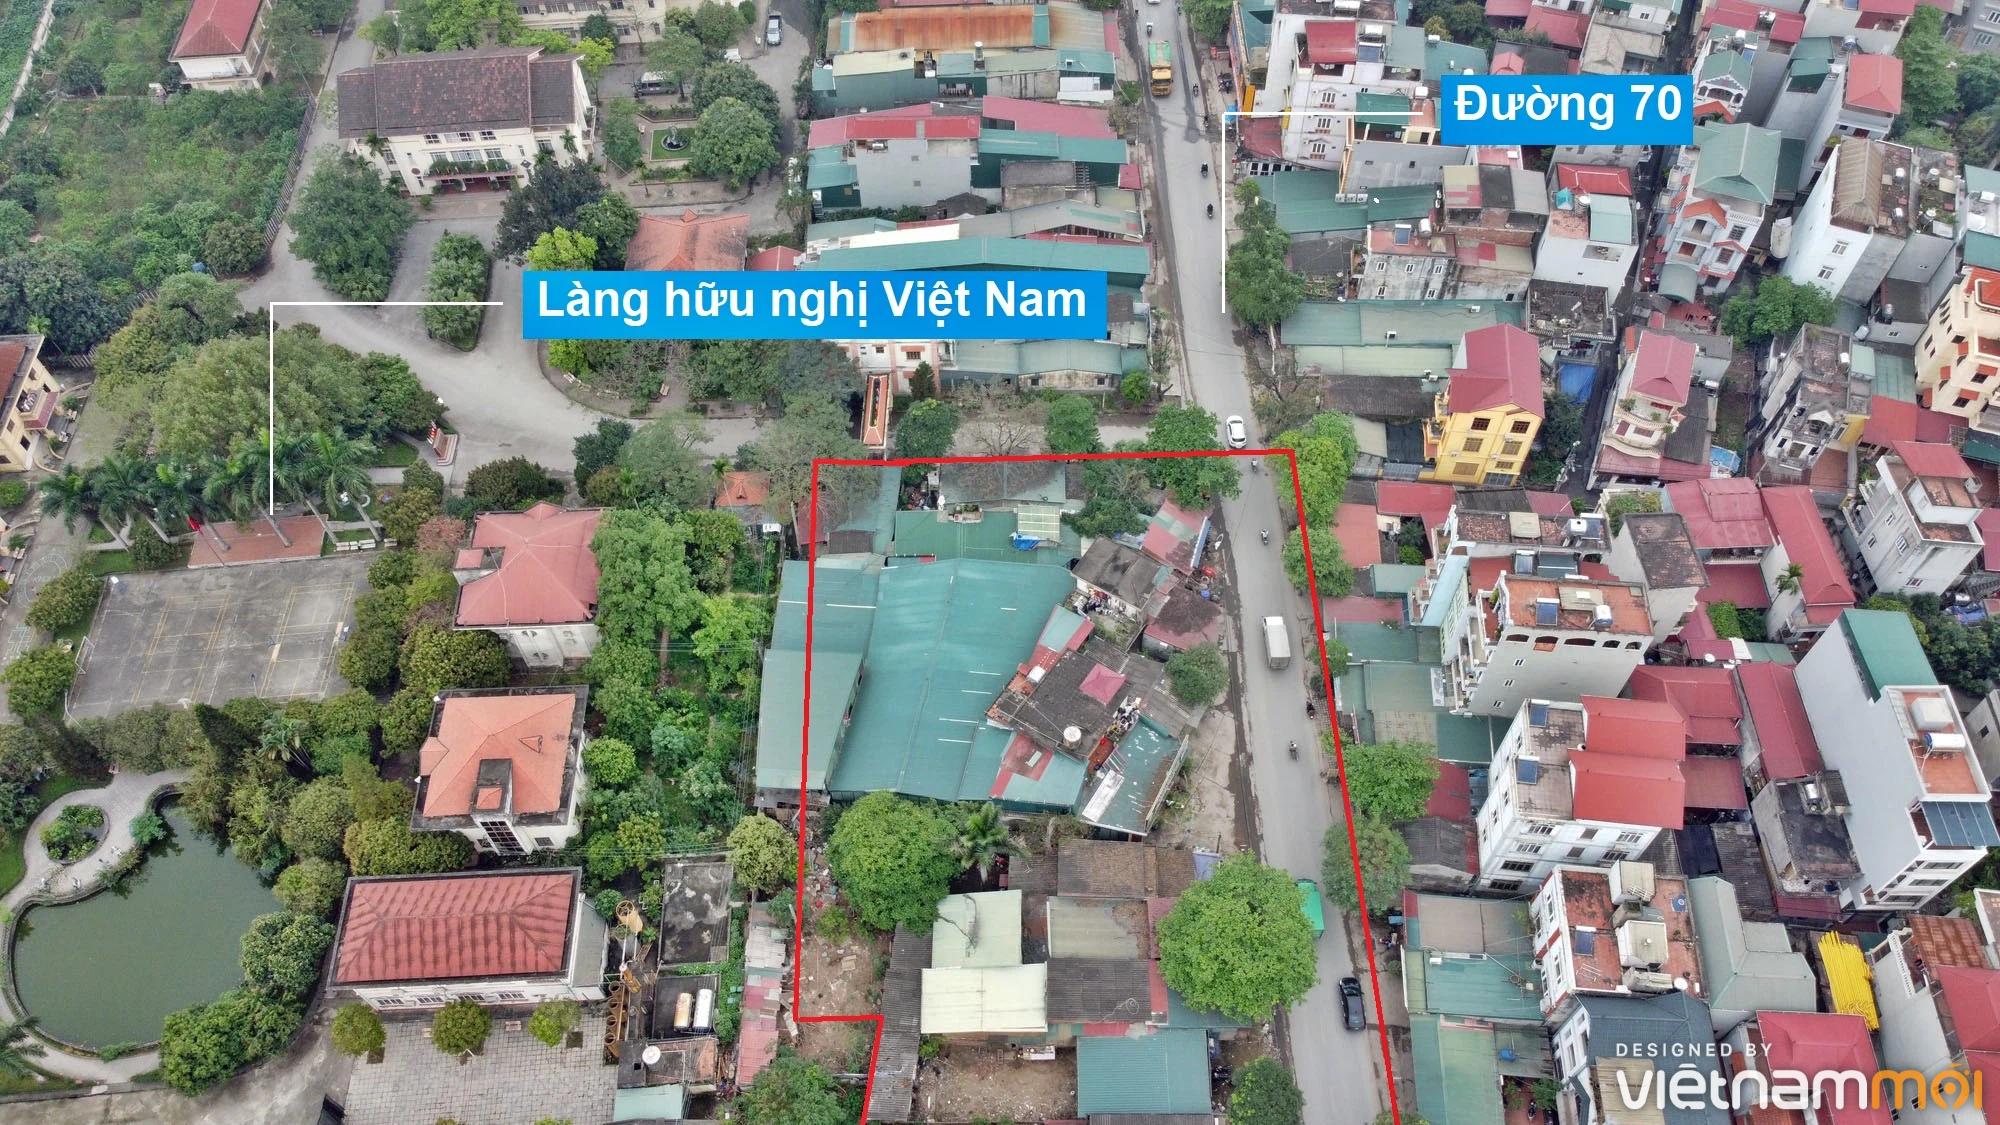 Những khu đất sắp thu hồi để mở đường ở phường Xuân Phương, Nam Từ Liêm, Hà Nội (phần 2) - Ảnh 6.